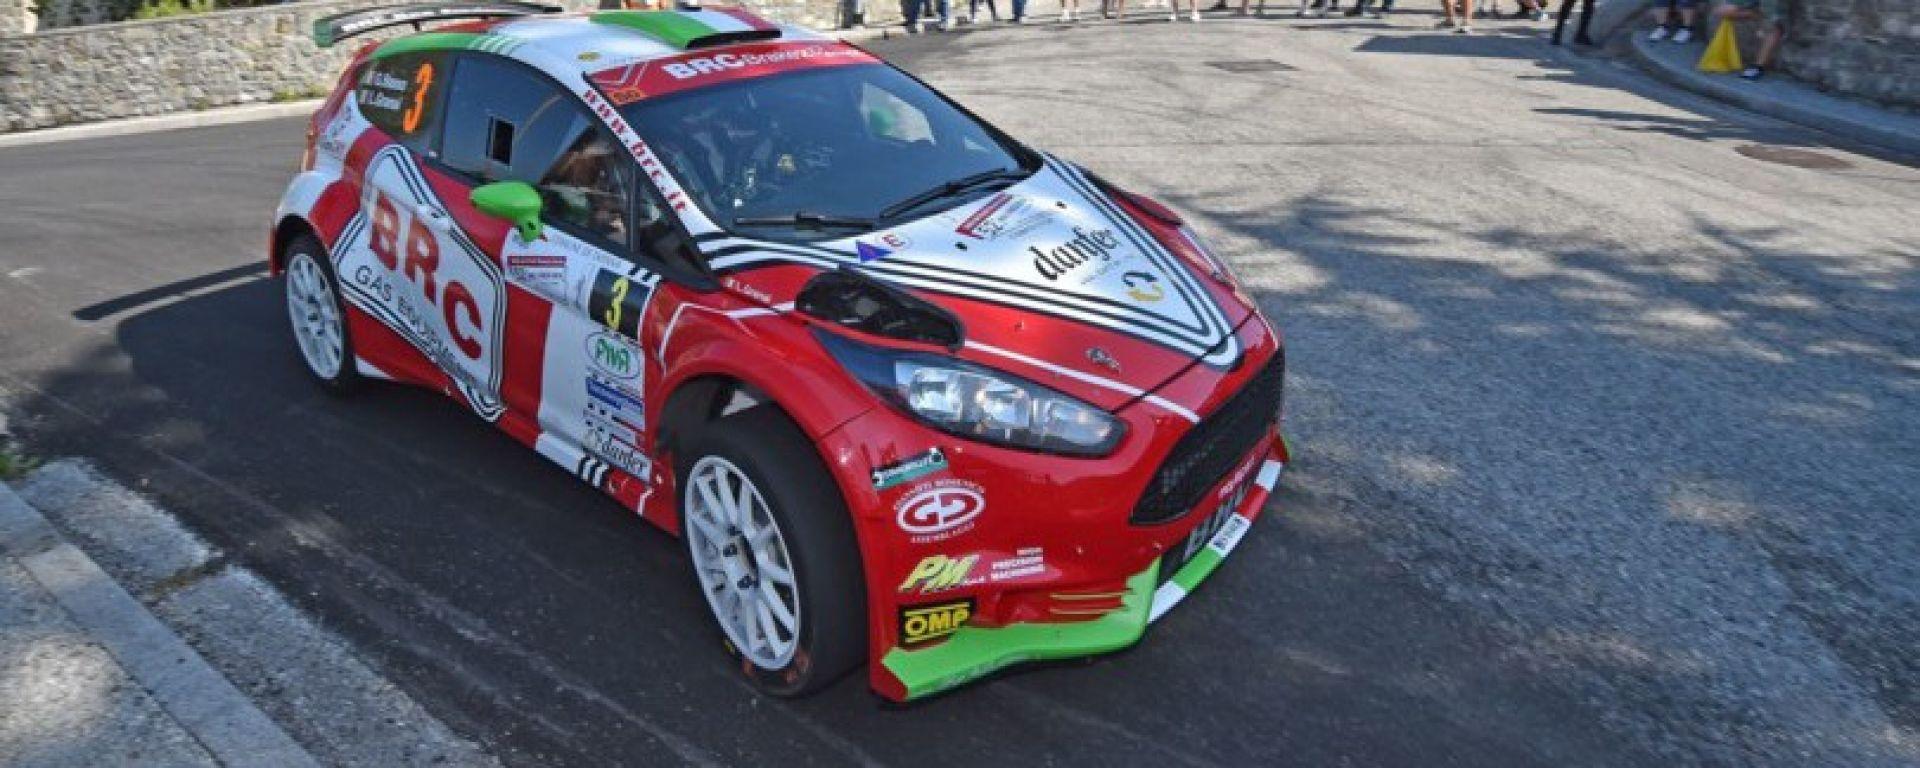 Basso e Granai e la loro Ford BRC al Rally Friuli Venezia Giulia